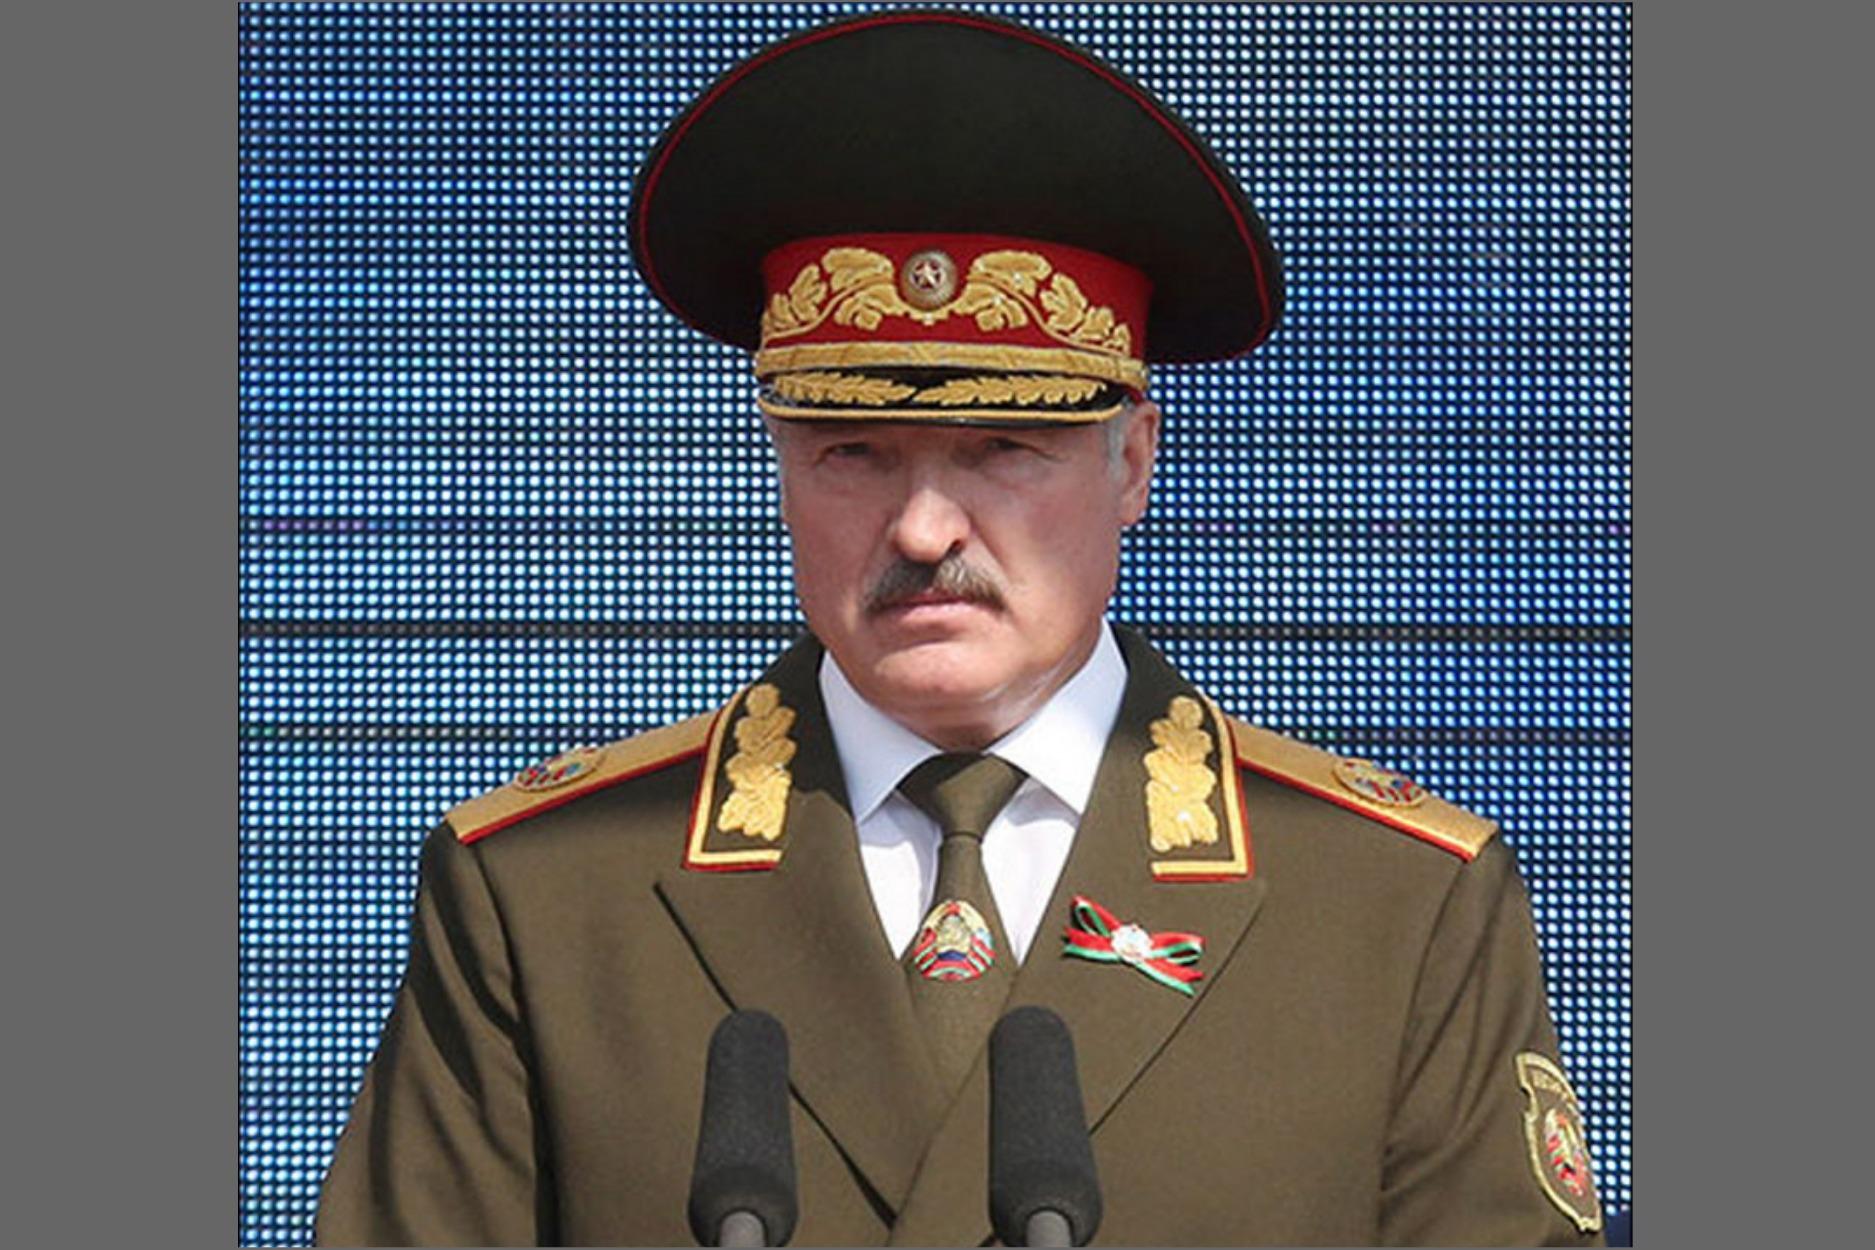 Лукашенко на параде в военной форме, что у него на погонах, какое звание?